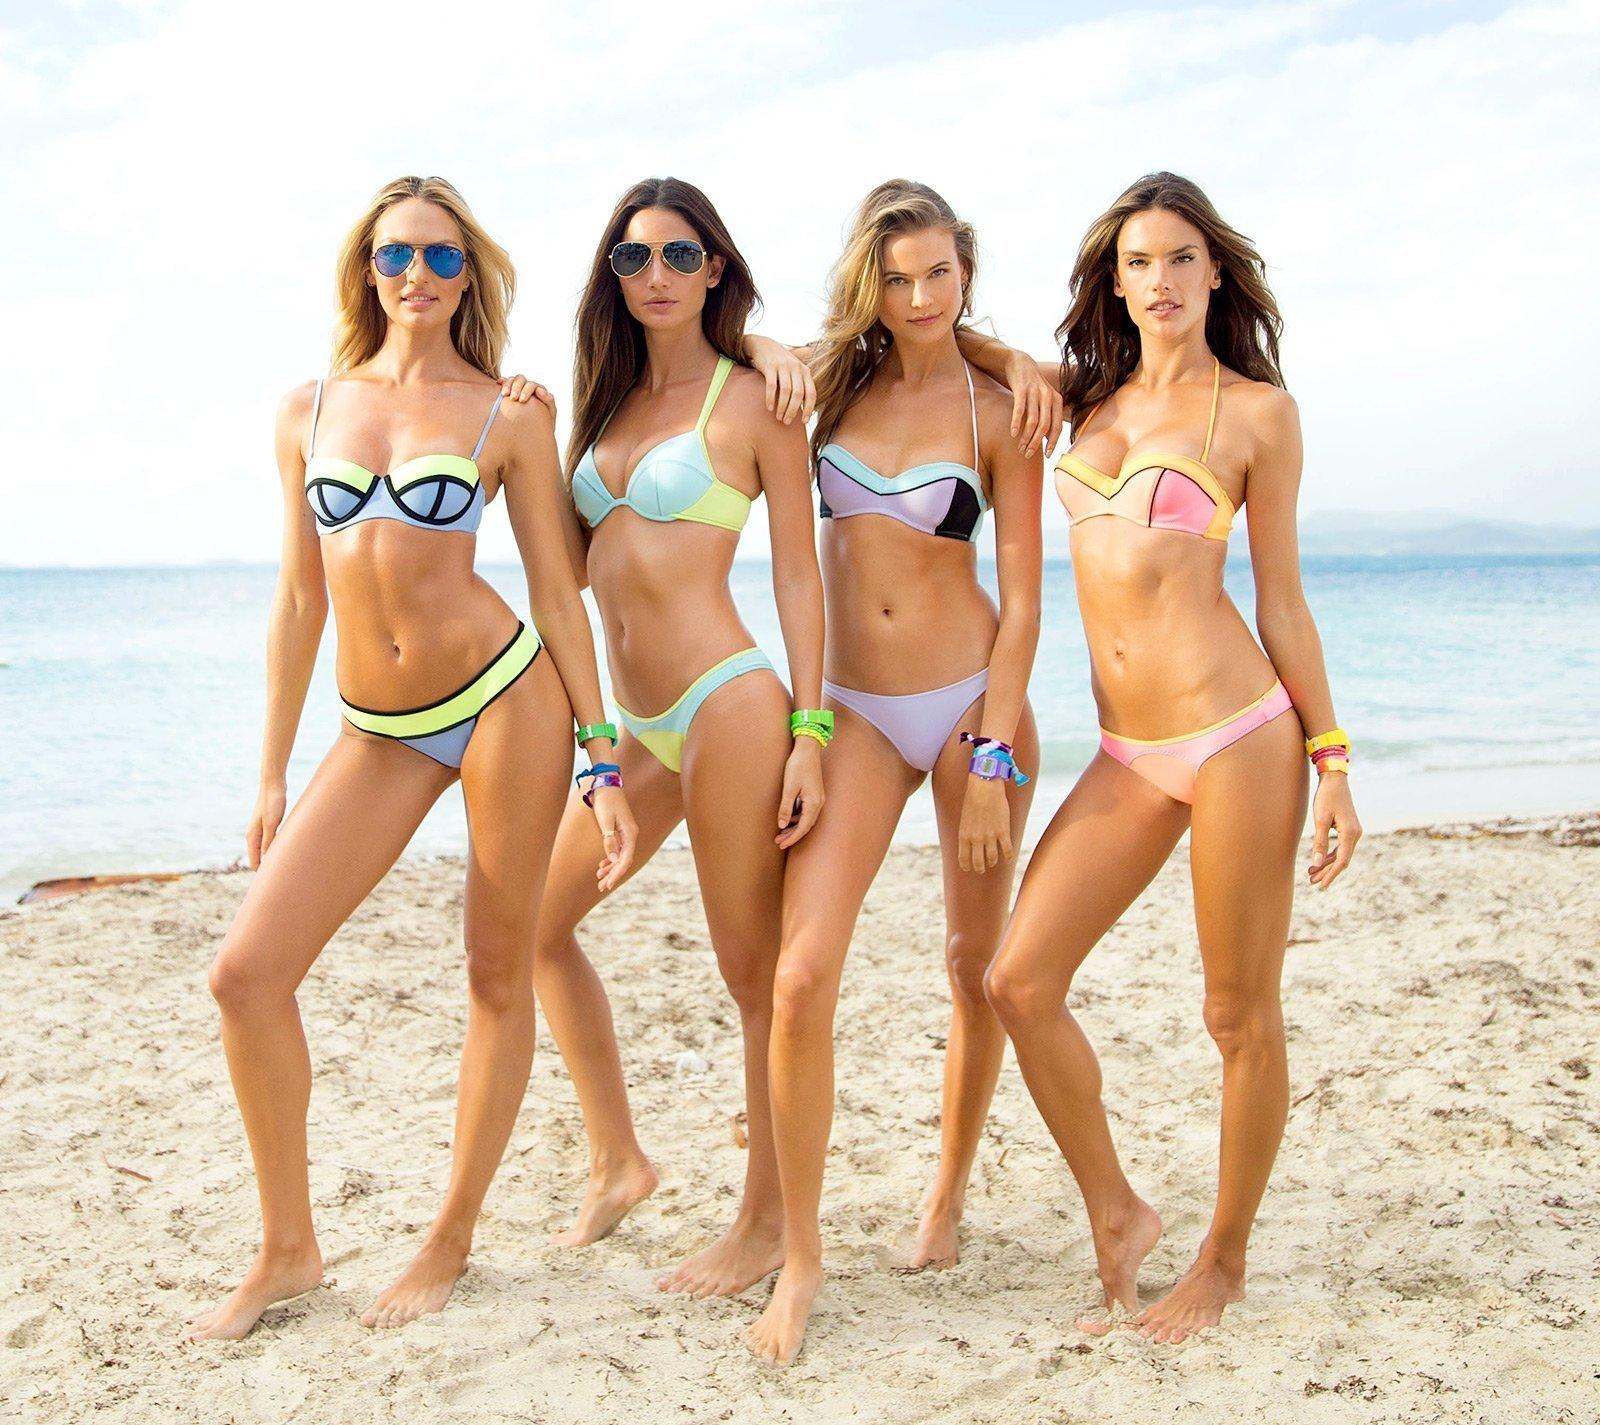 группа девушек на пляже когда лижут